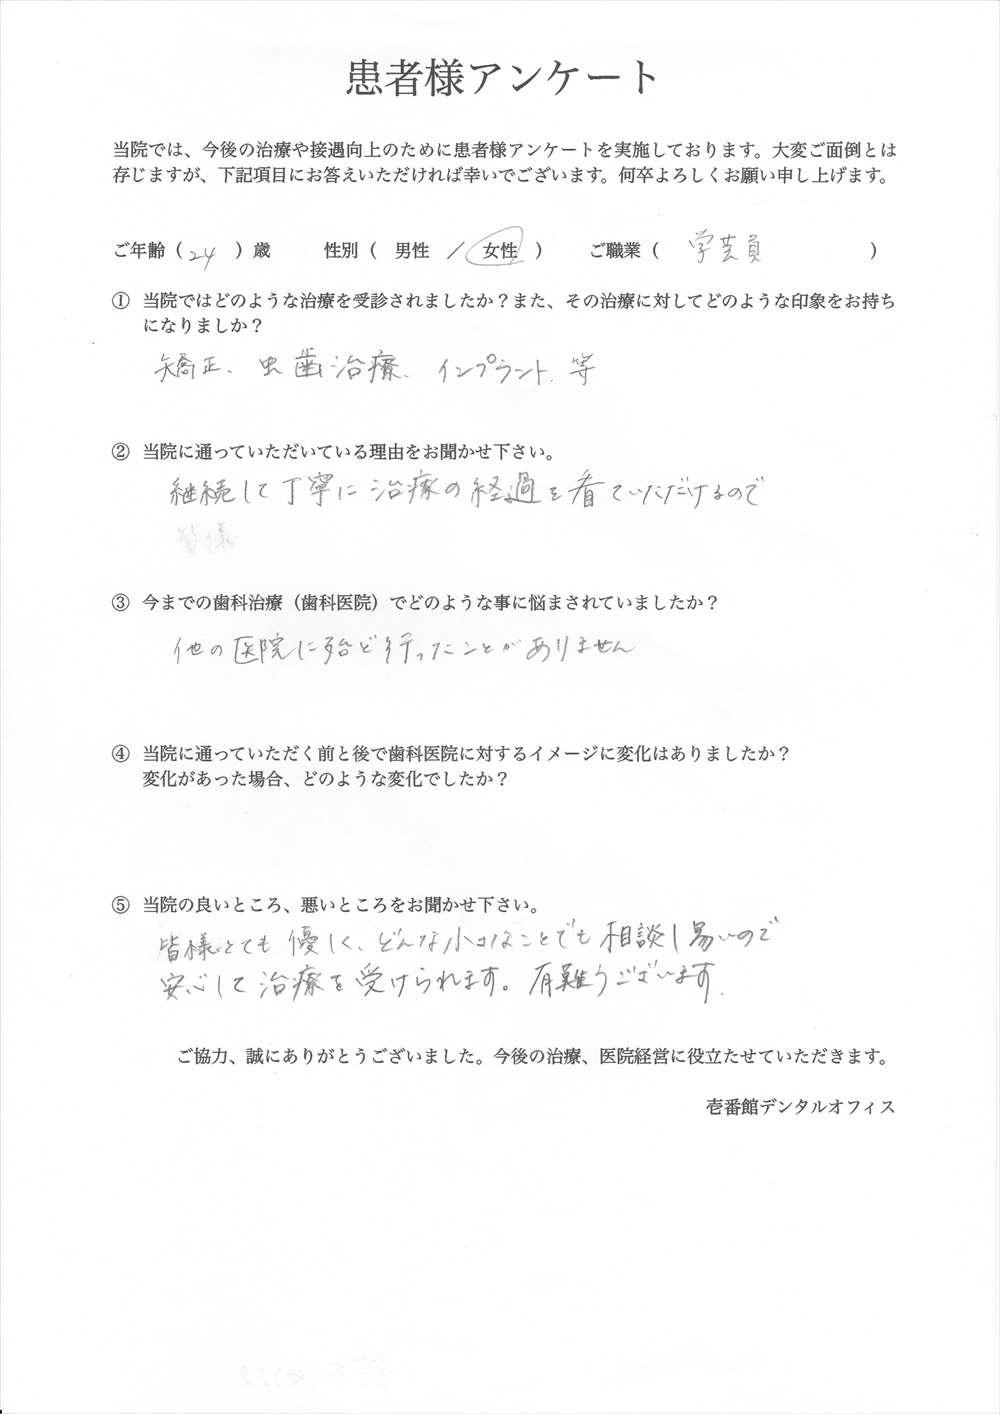 壱番館デンタルオフィス口コミ評判アンケート11